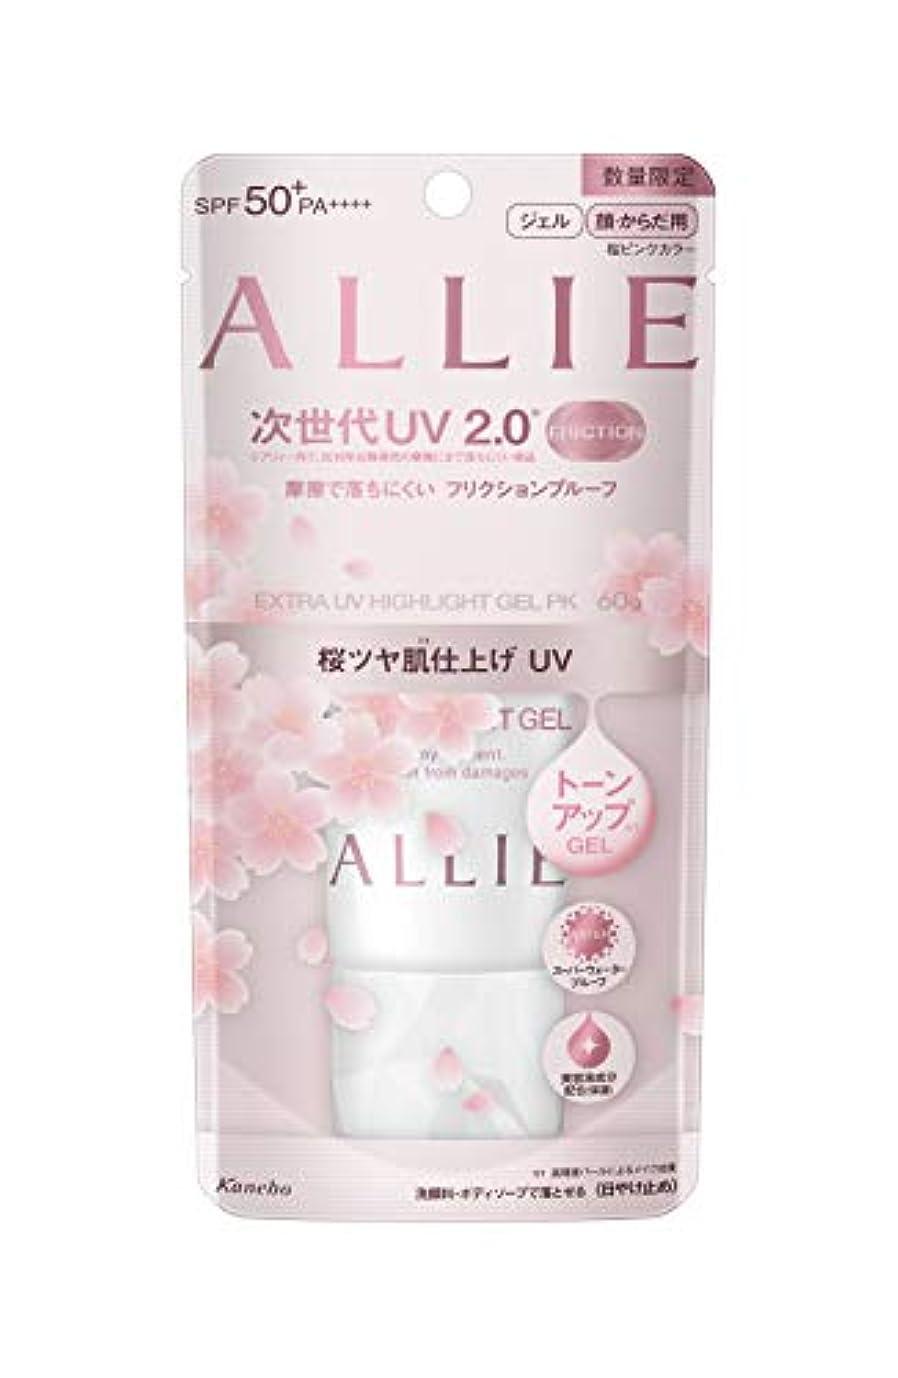 揮発性ホバート対象アリィー エクストラUV ハイライトジェル 日焼け止め 桜の香り SPF50+/PA++++